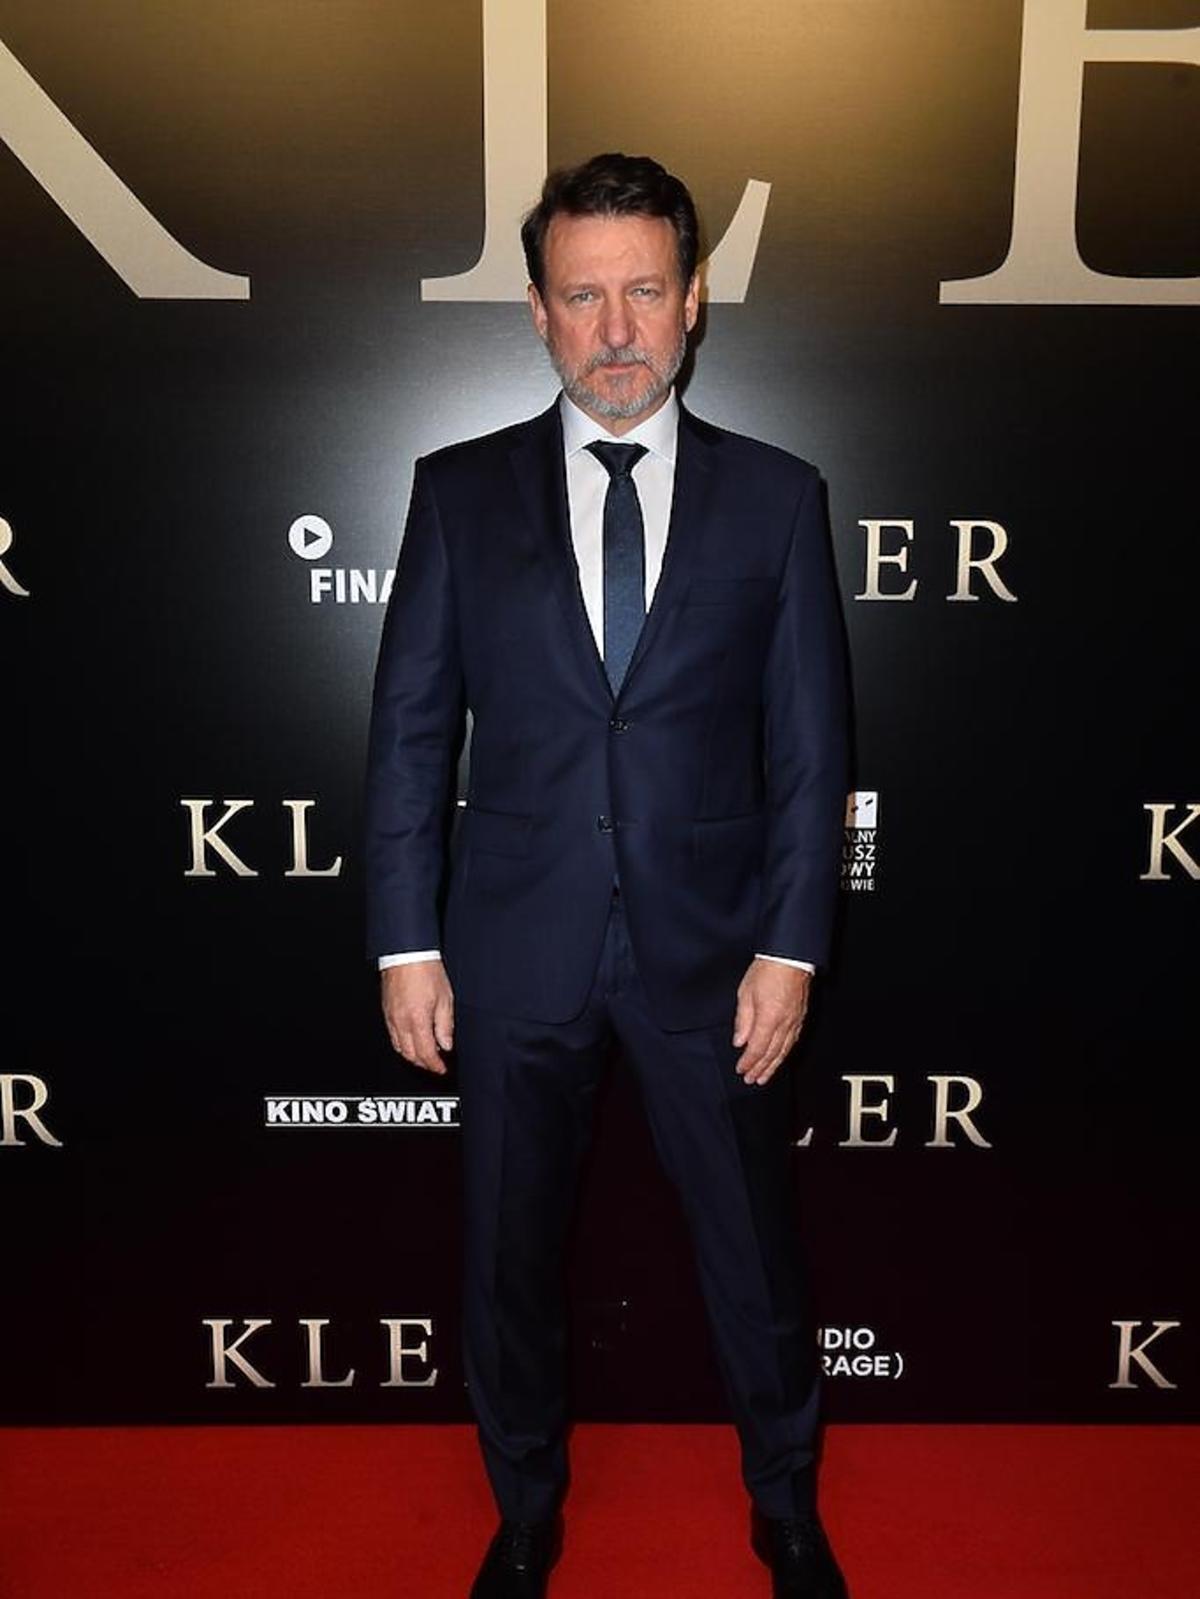 Robert Więckiewicz na premierze filmu Kler